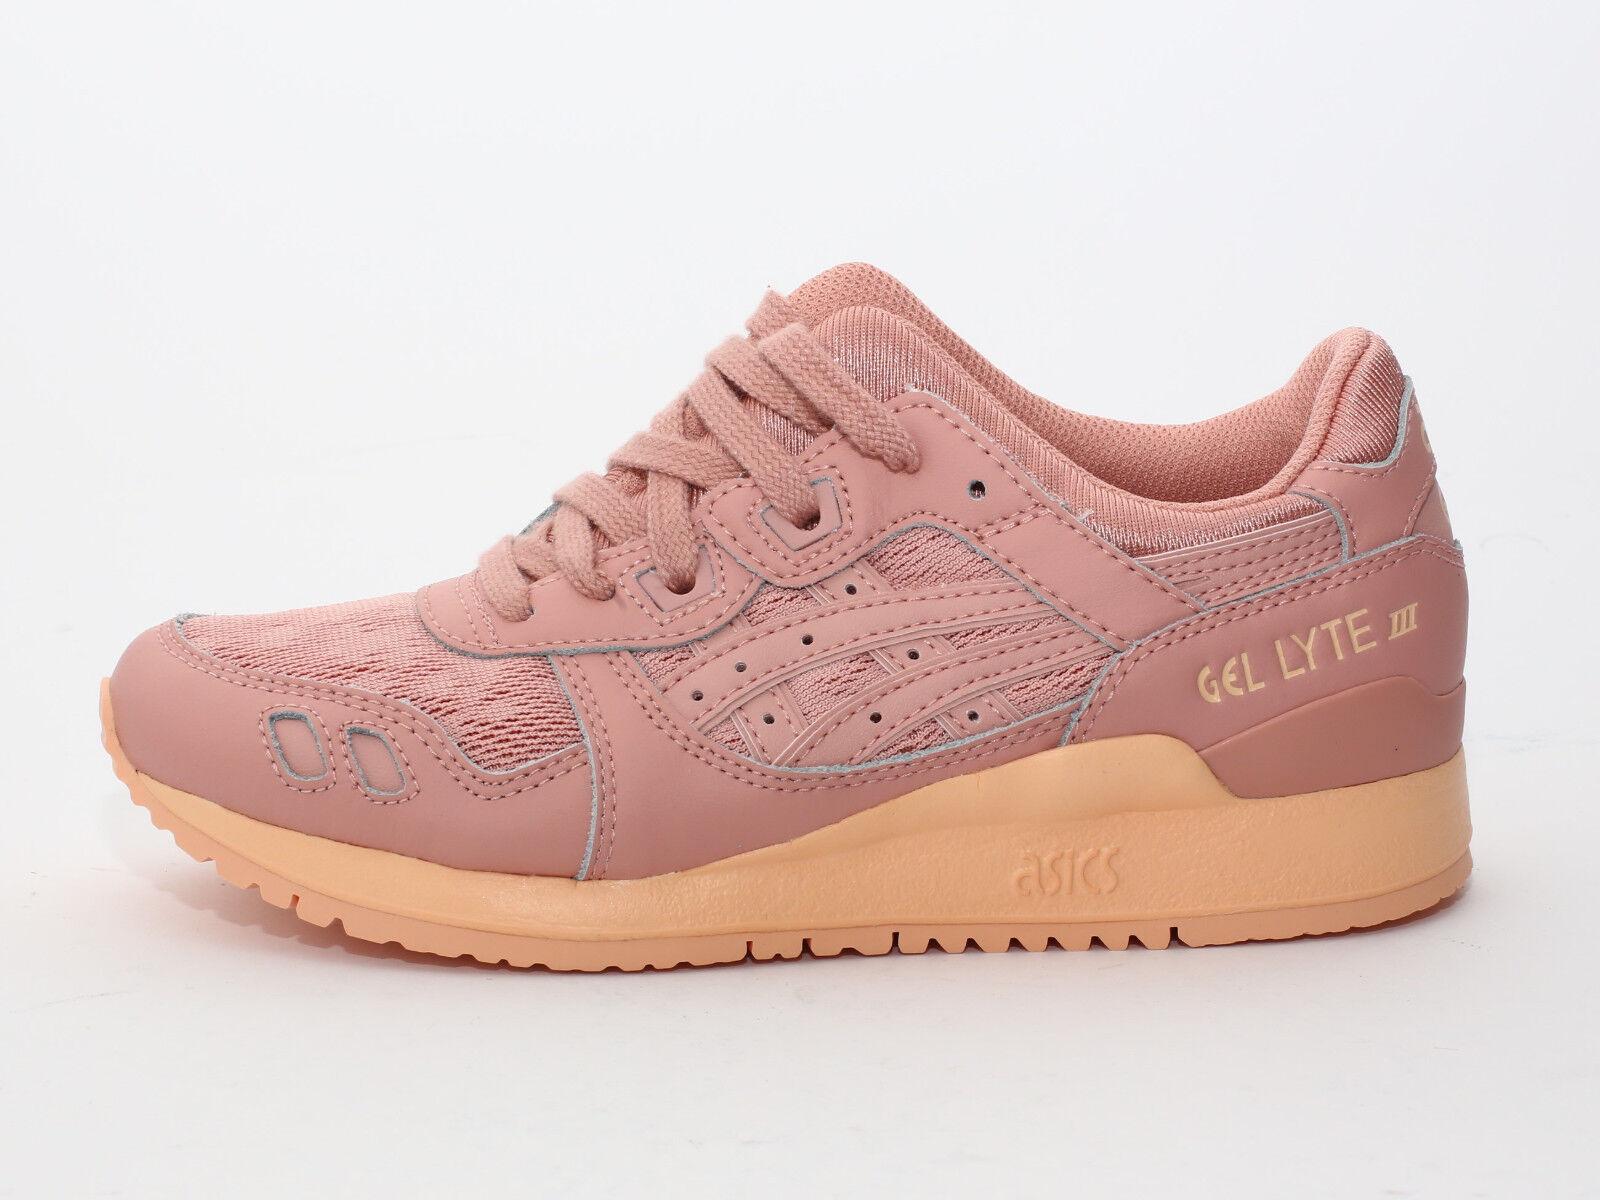 Zapatos promocionales para hombres y mujeres Asics Gel-Lyte III Peach Beige (H756L-7272) Damen Sneaker - Rosa/Orange - Neu ss